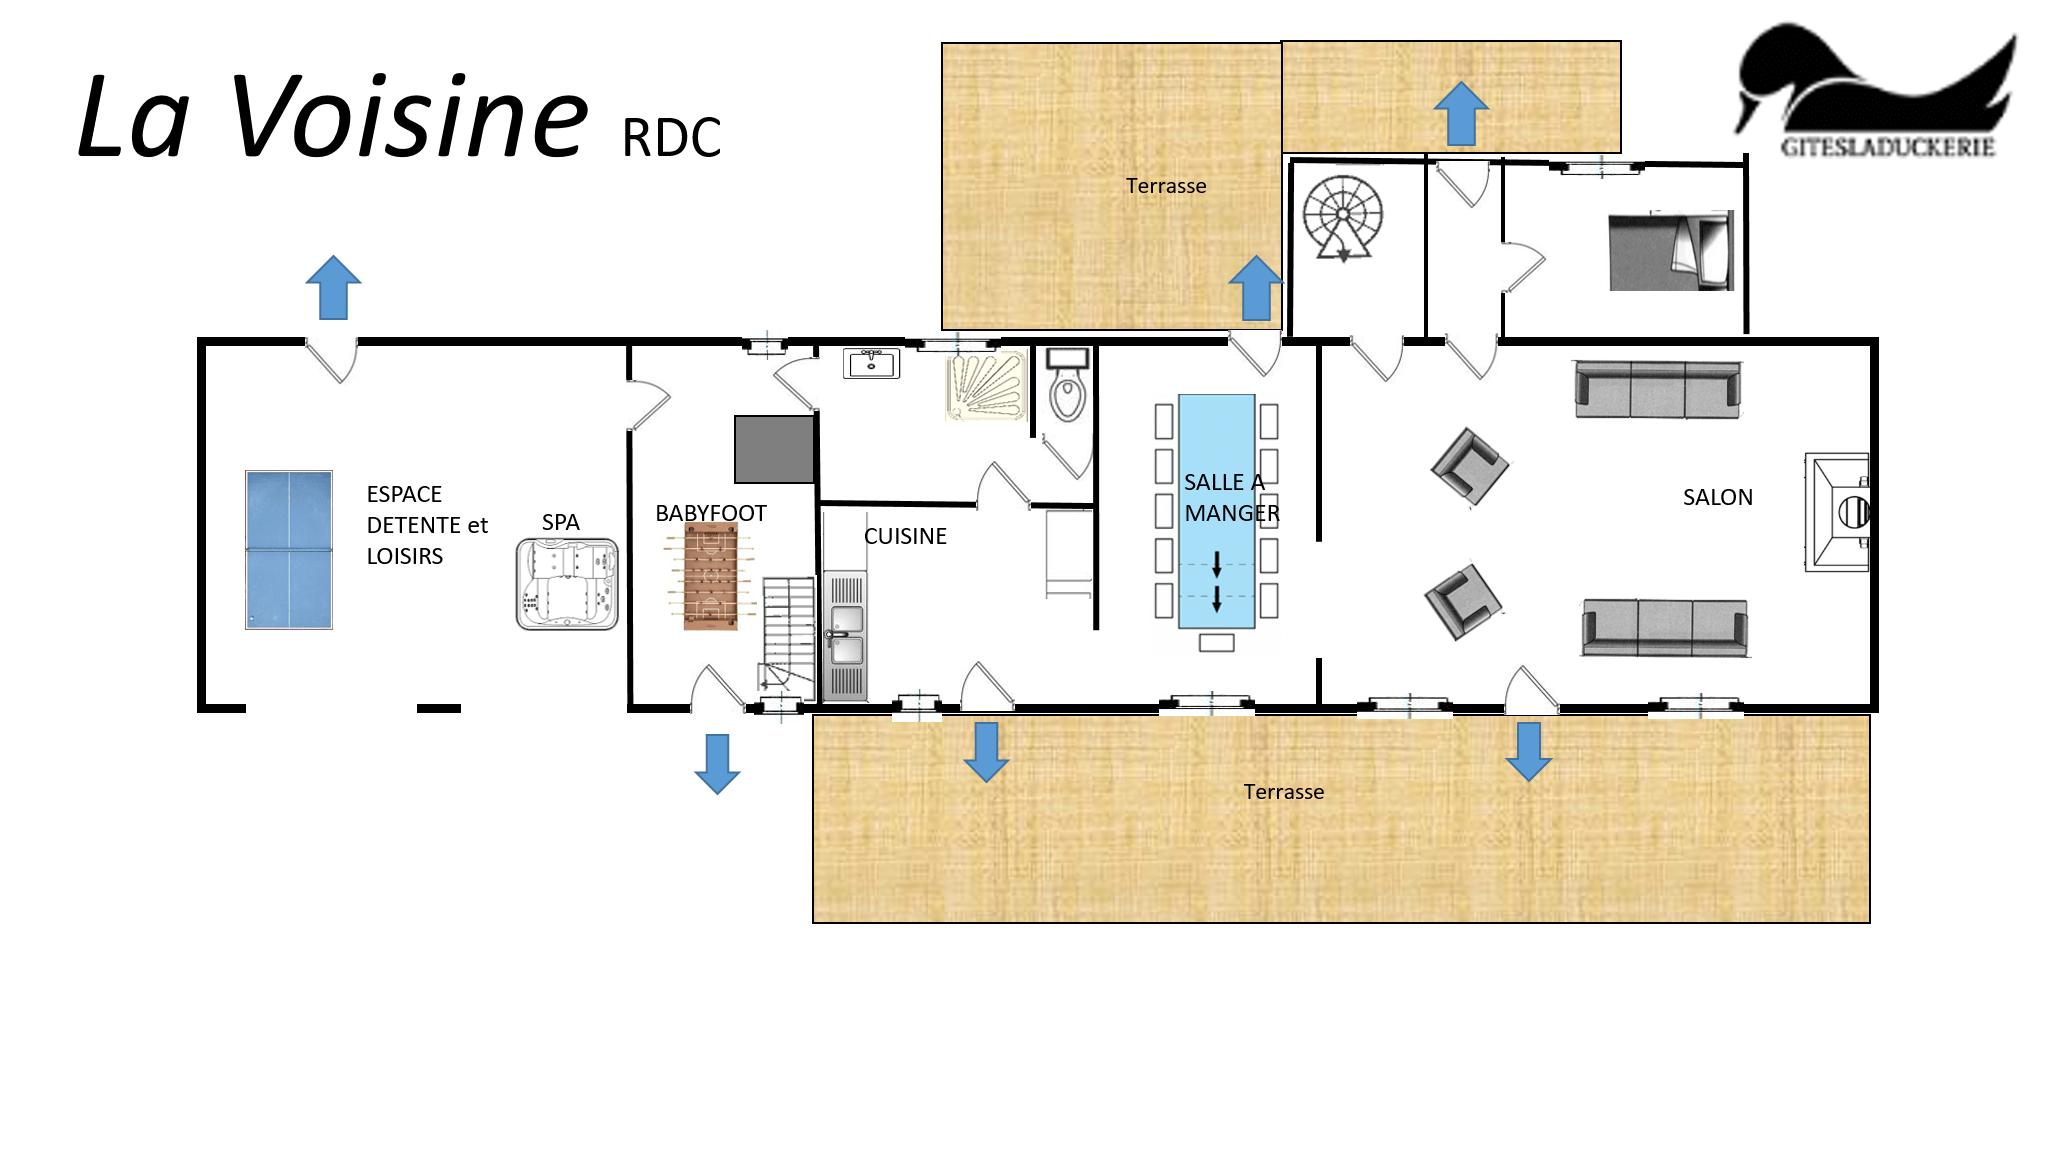 La Voisine plans - LA VOISINE - Location de Gite La Clef Decamp - Laclefdecamp.fr